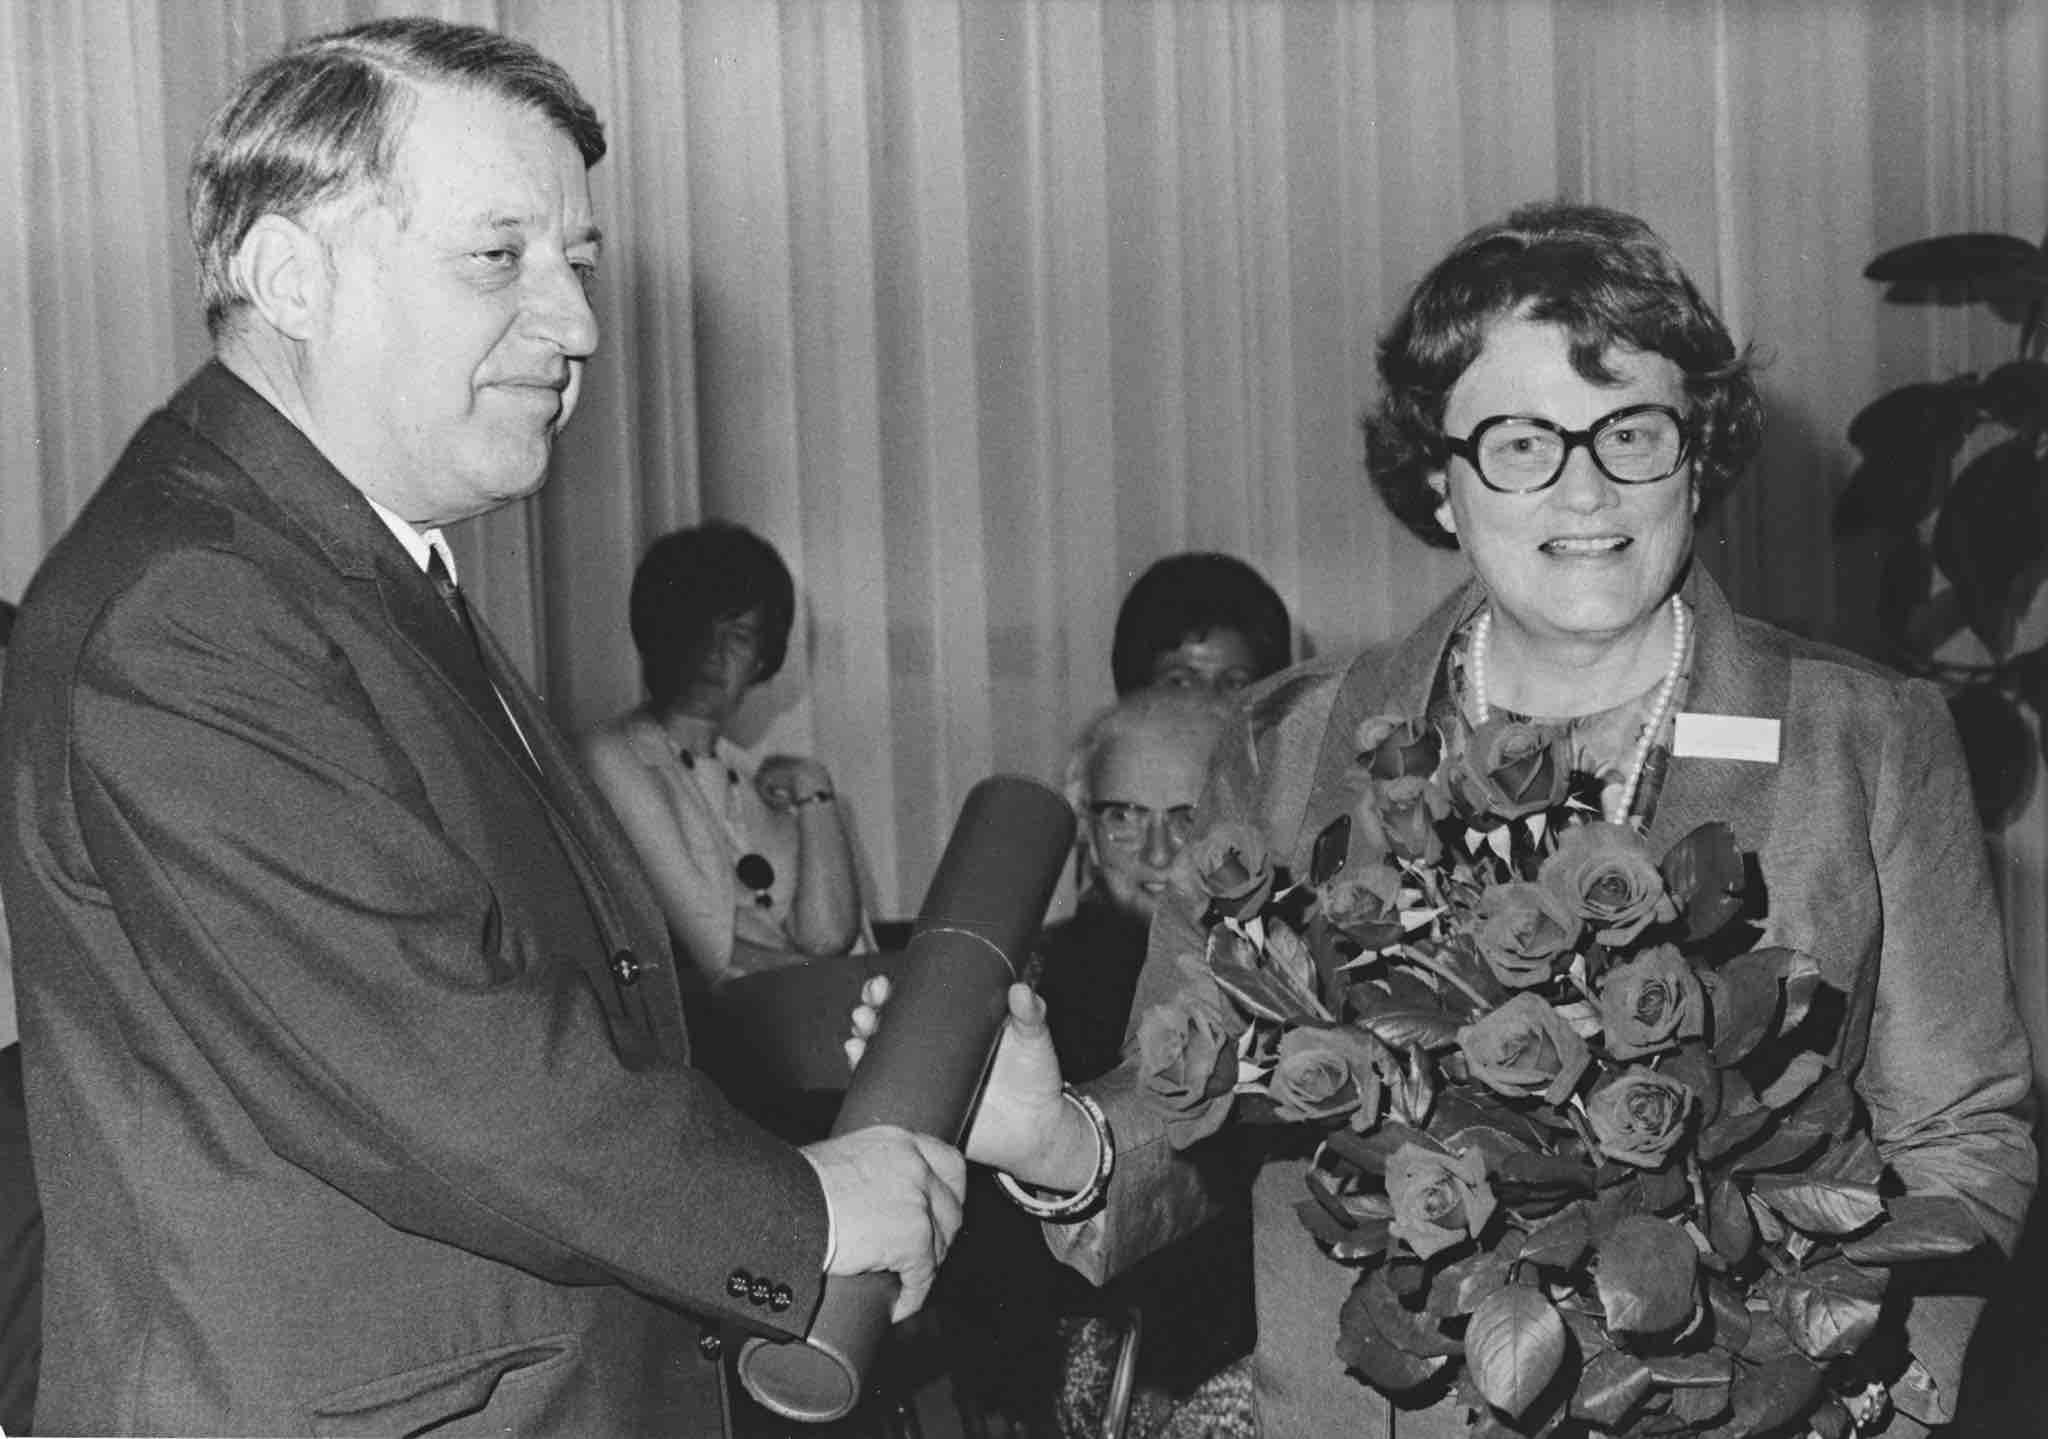 Überreichung des Dr. h. c. durch Professor Kurt von Fischer (1974).